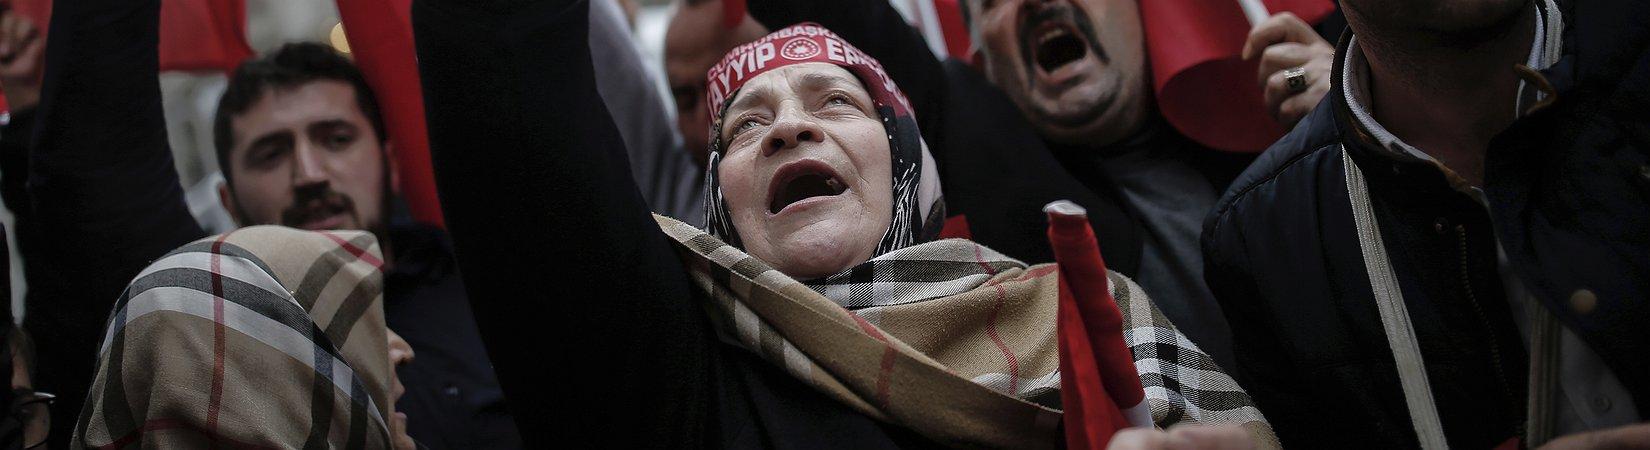 Turquía tacha a los Países Bajos de fascistas